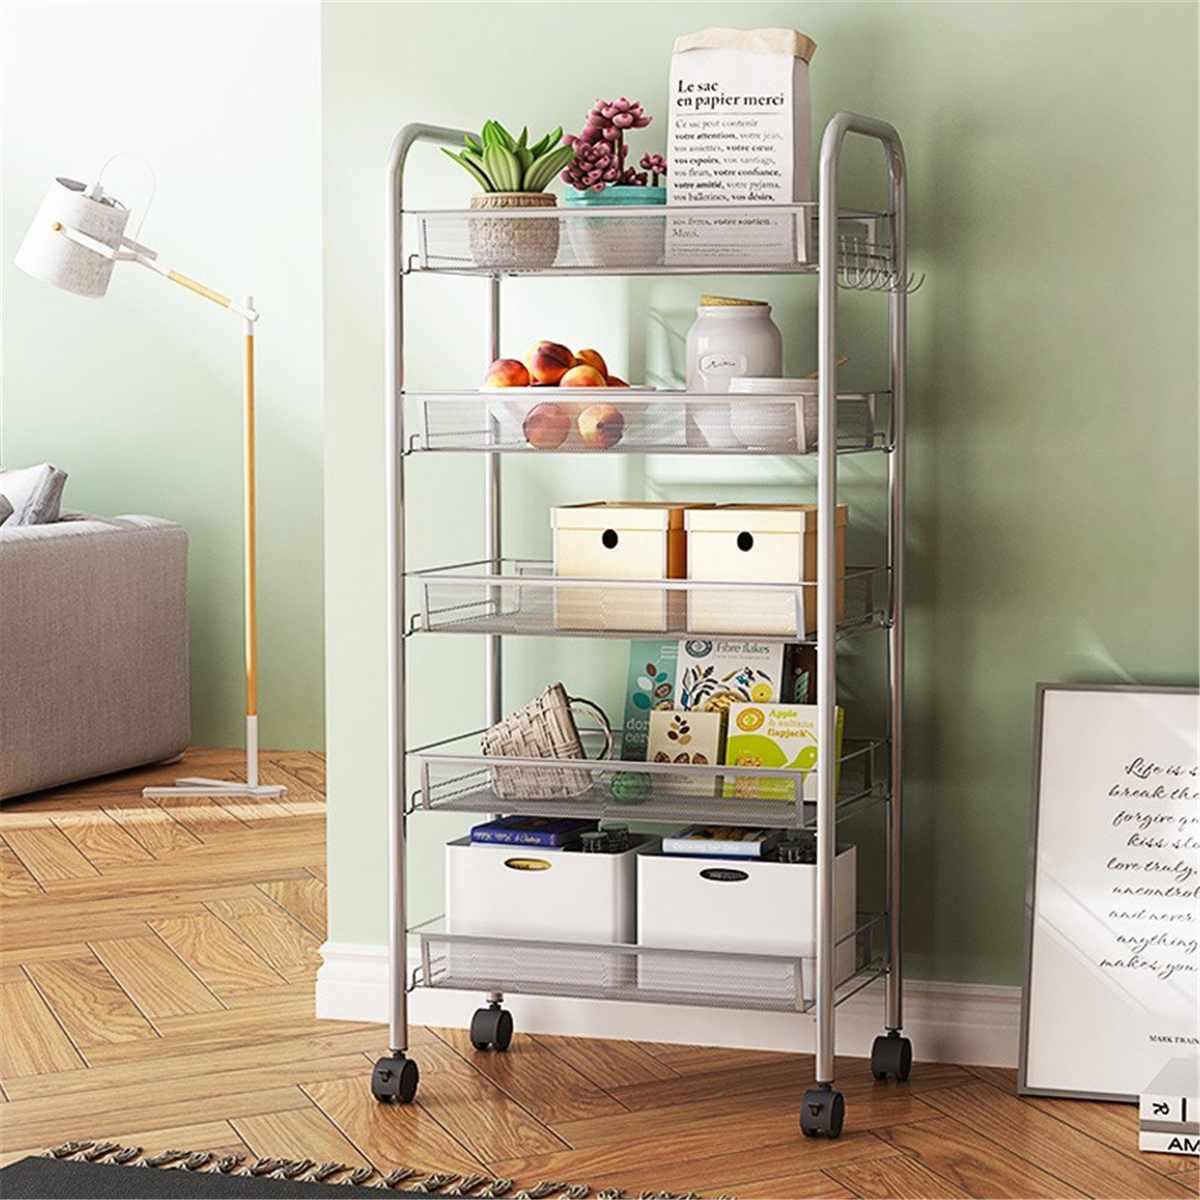 Stainless Shelving Storage Unit Wire Rack Organizer Kitchen Bathroom Countertop Storage Organizer Shelf Holder With Random Wheel